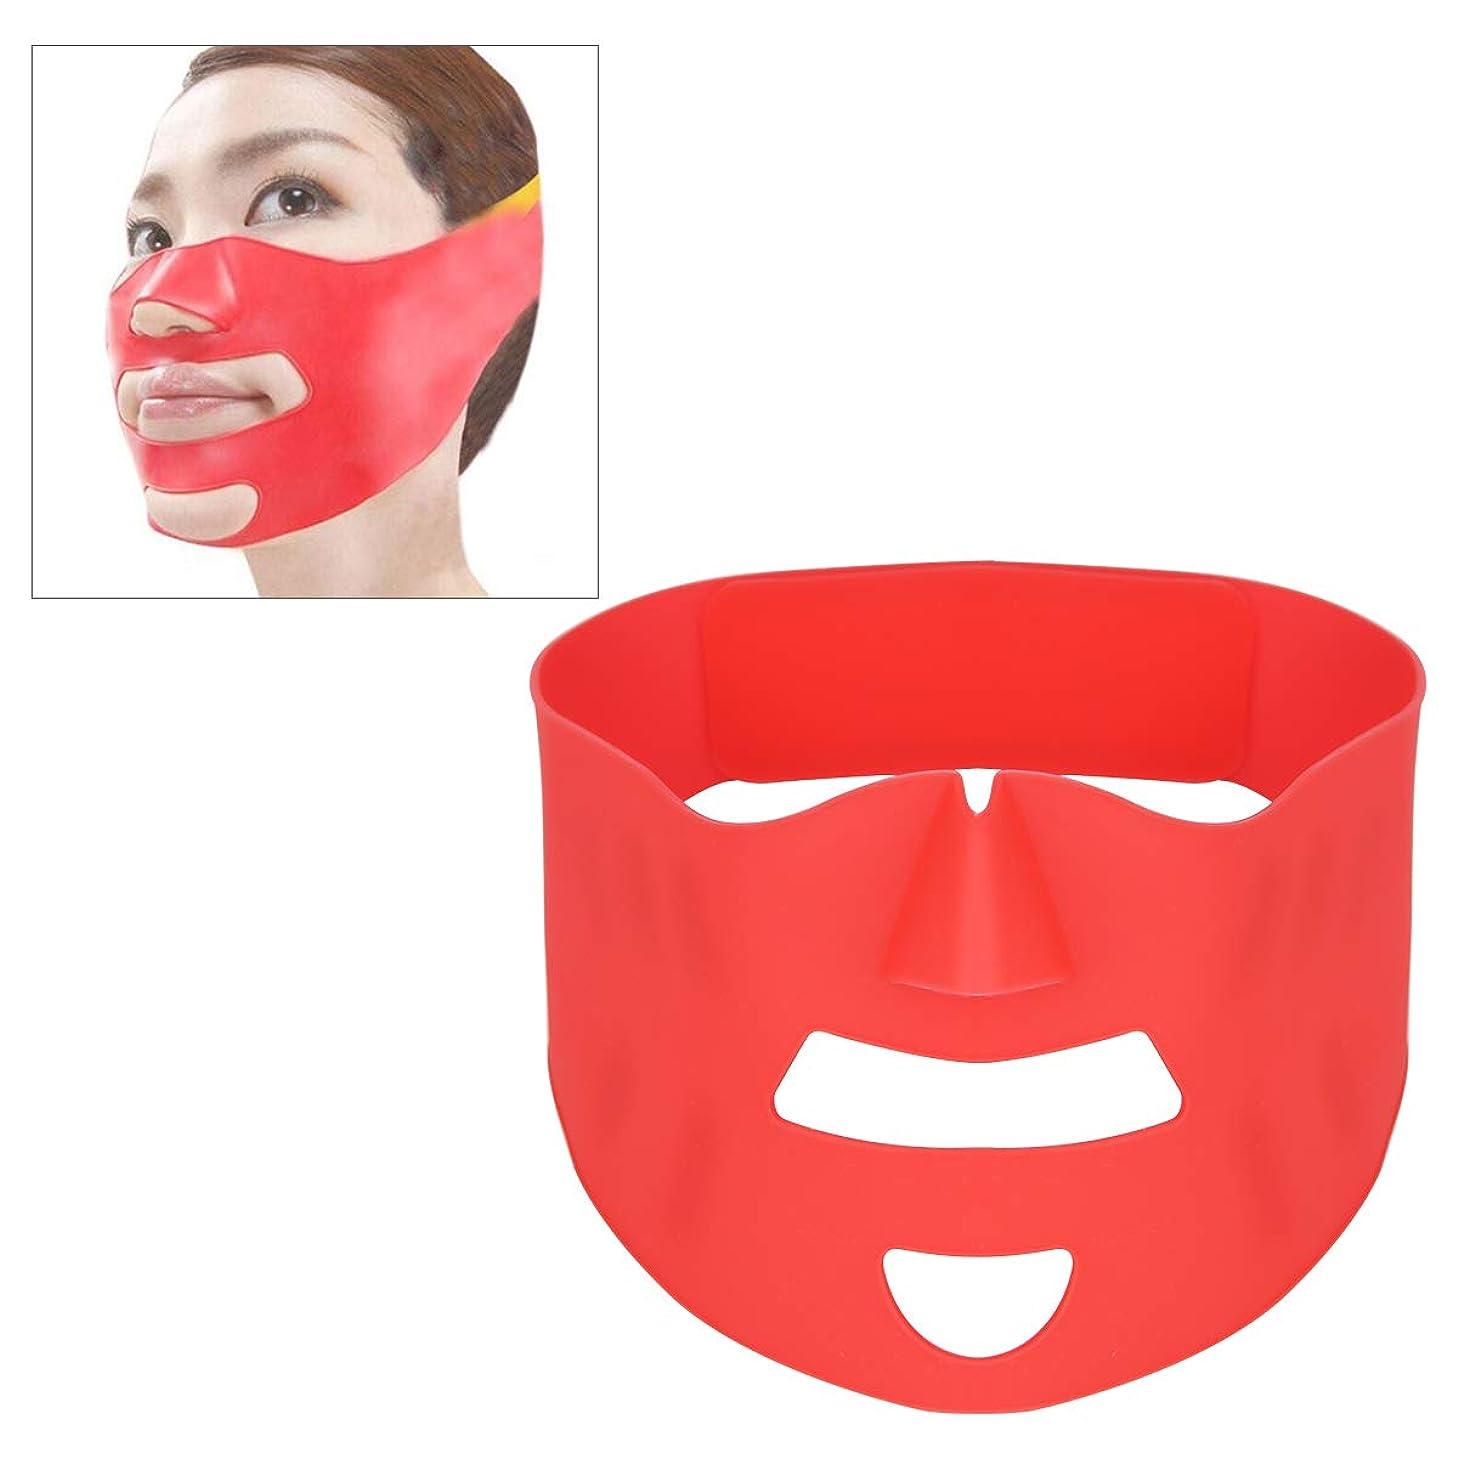 相談睡眠メアリアンジョーンズフェイスベルト 小顔 マスク リフトアップ 美顔 シリコン 抗しわ 皮膚改善 軽量 引き締め 引き上げマスク